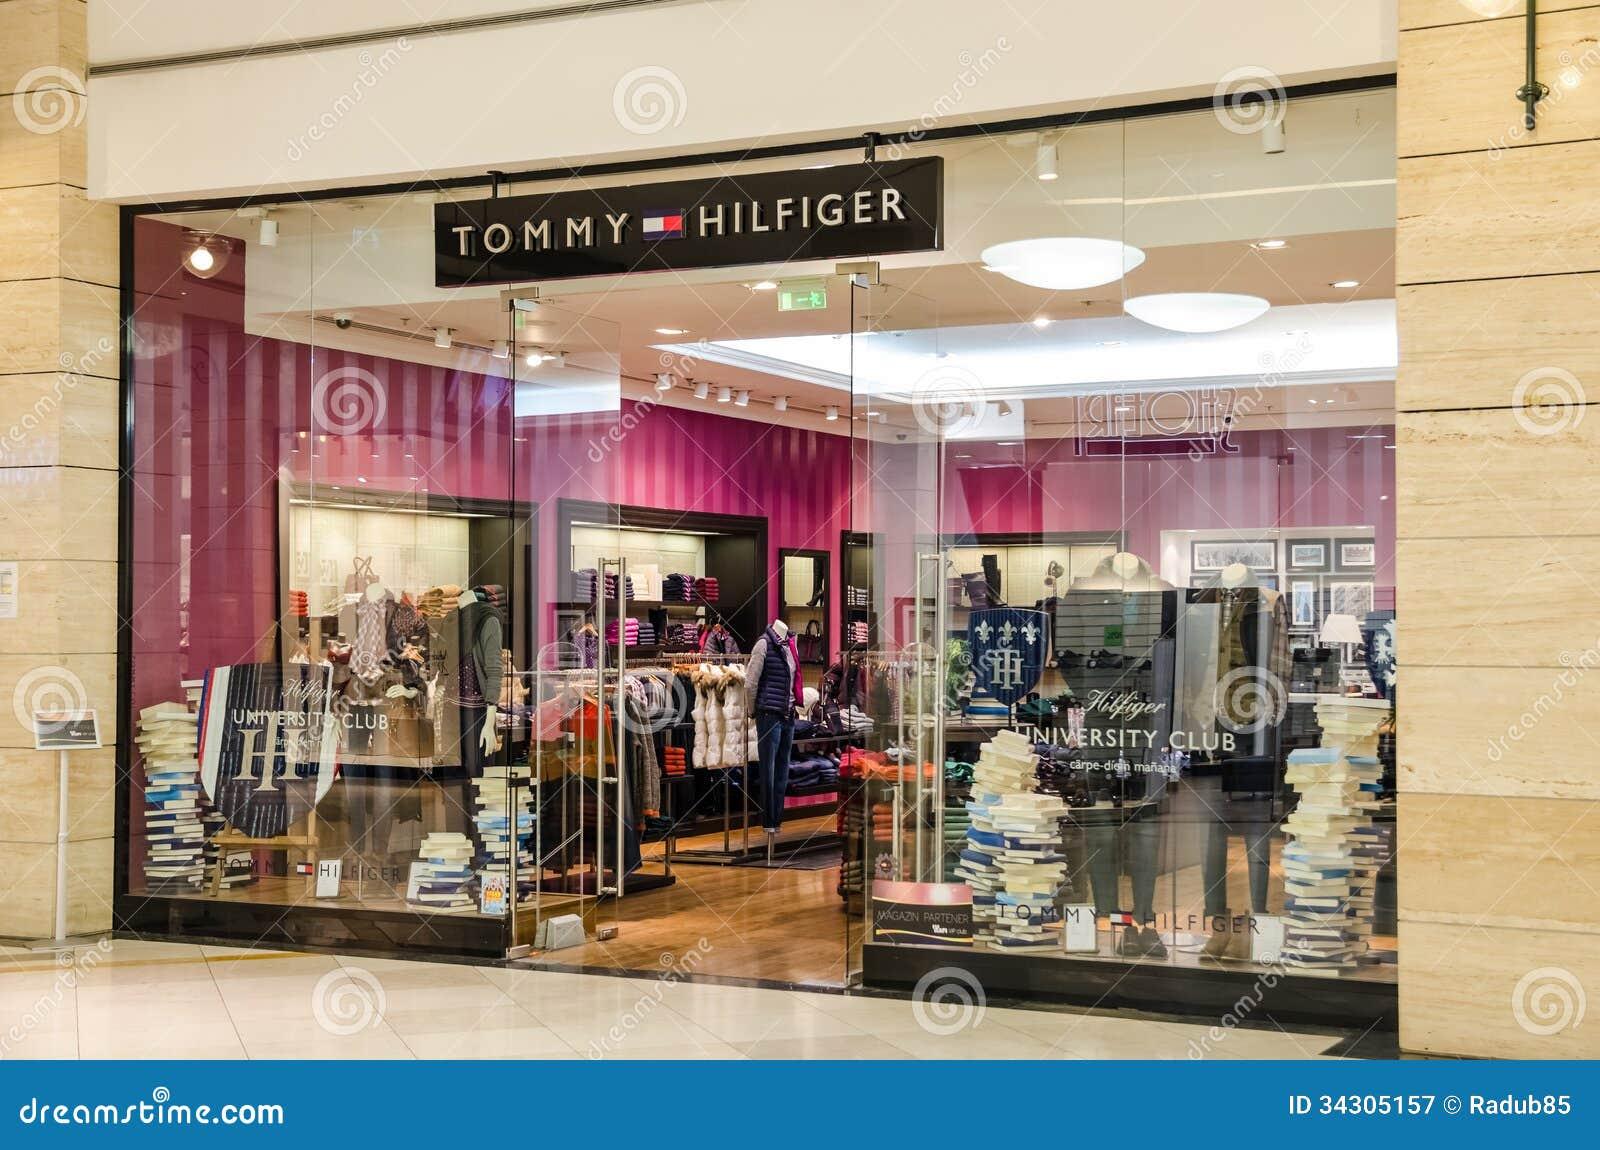 768a28a466db0 BUCHAREST RUMUNIA, PAŹDZIERNIK, - 09: Tommy Hilfiger sklep na Październiku  09, 2013 w Bucharest, Rumunia. Tommy Hilfiger Korporacja jest Amerykańskim  ...